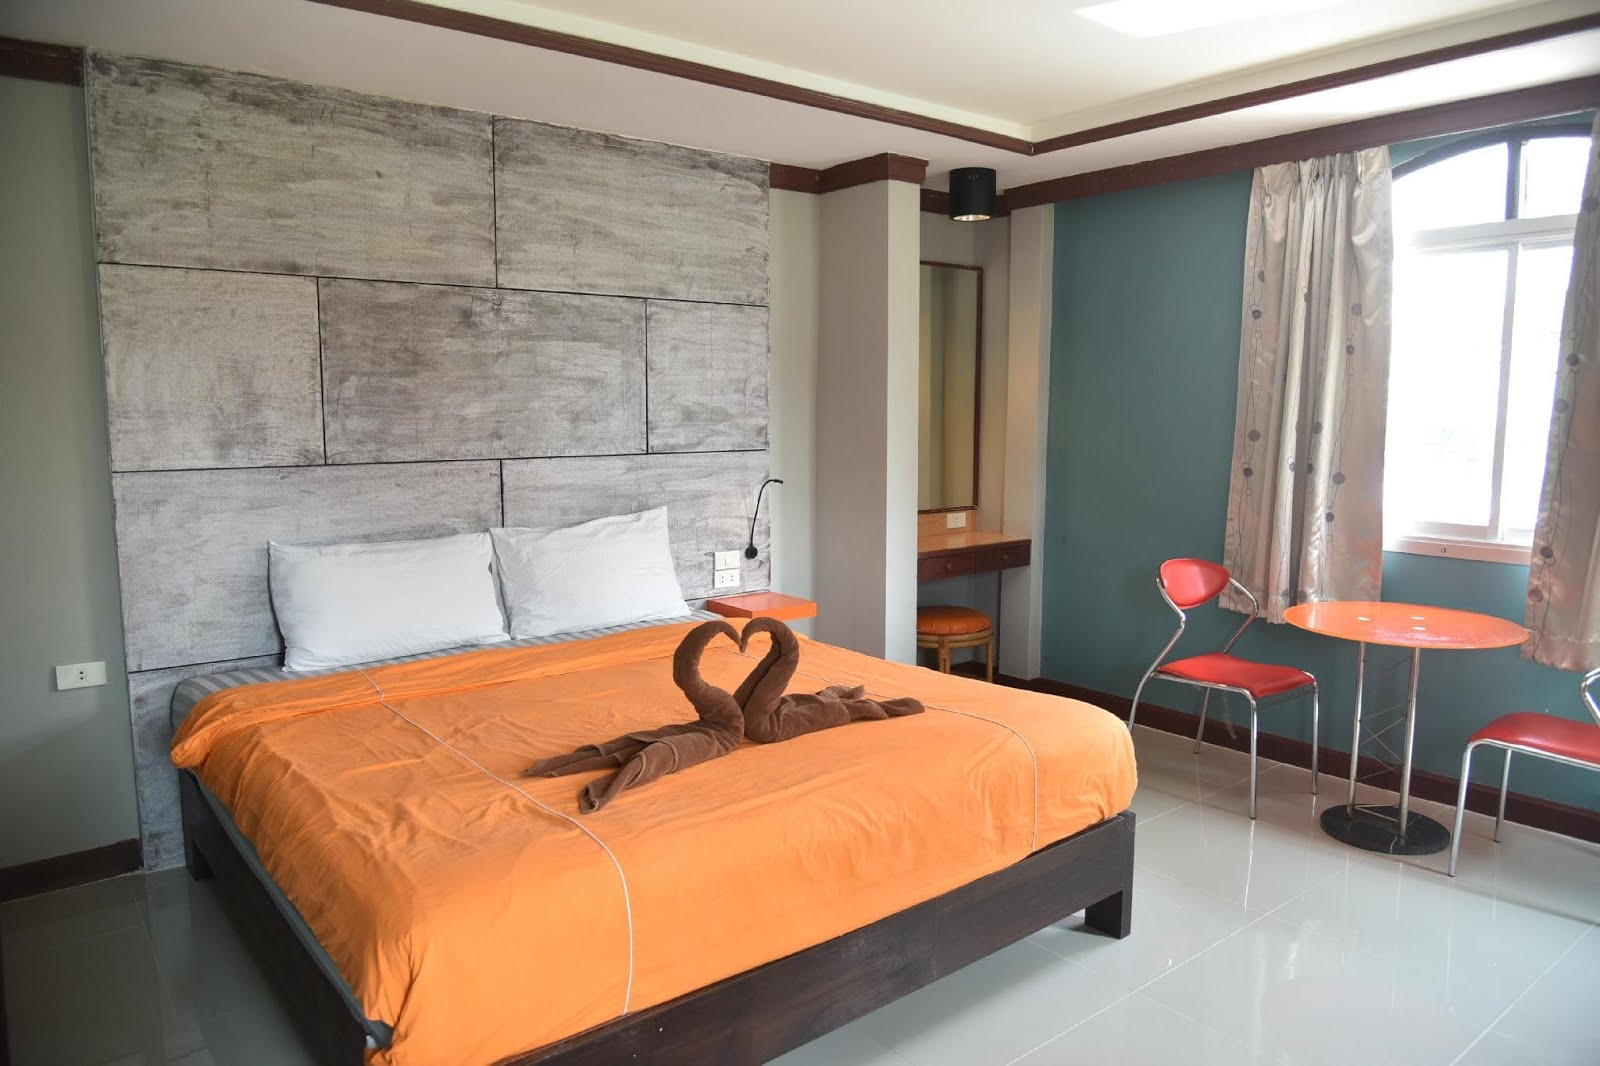 10 โรงแรมหลักร้อย พัทยา ใกล้ทะเล ราคาเริ่มต้นแค่ 417 บาท